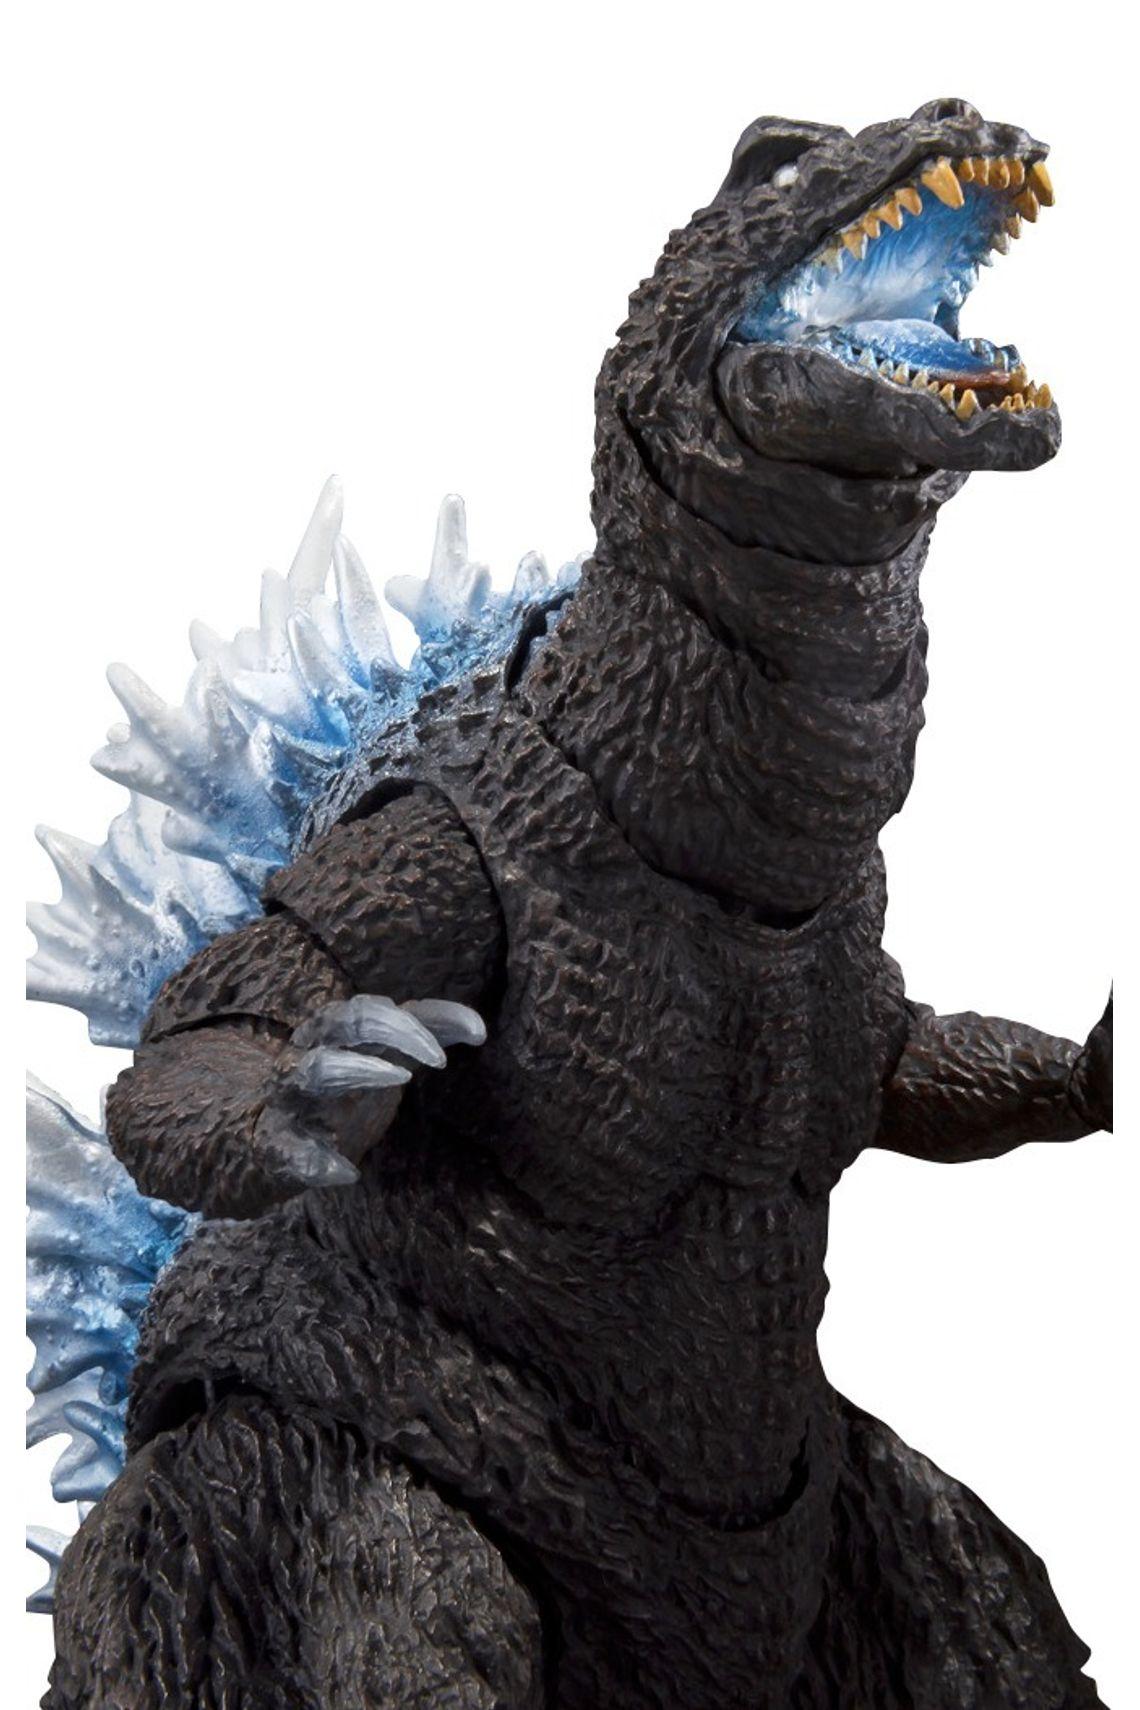 Action Figure Godzilla (2001) Heat Ray Ver.: Godzilla S.H. MonsterArts - Bandai